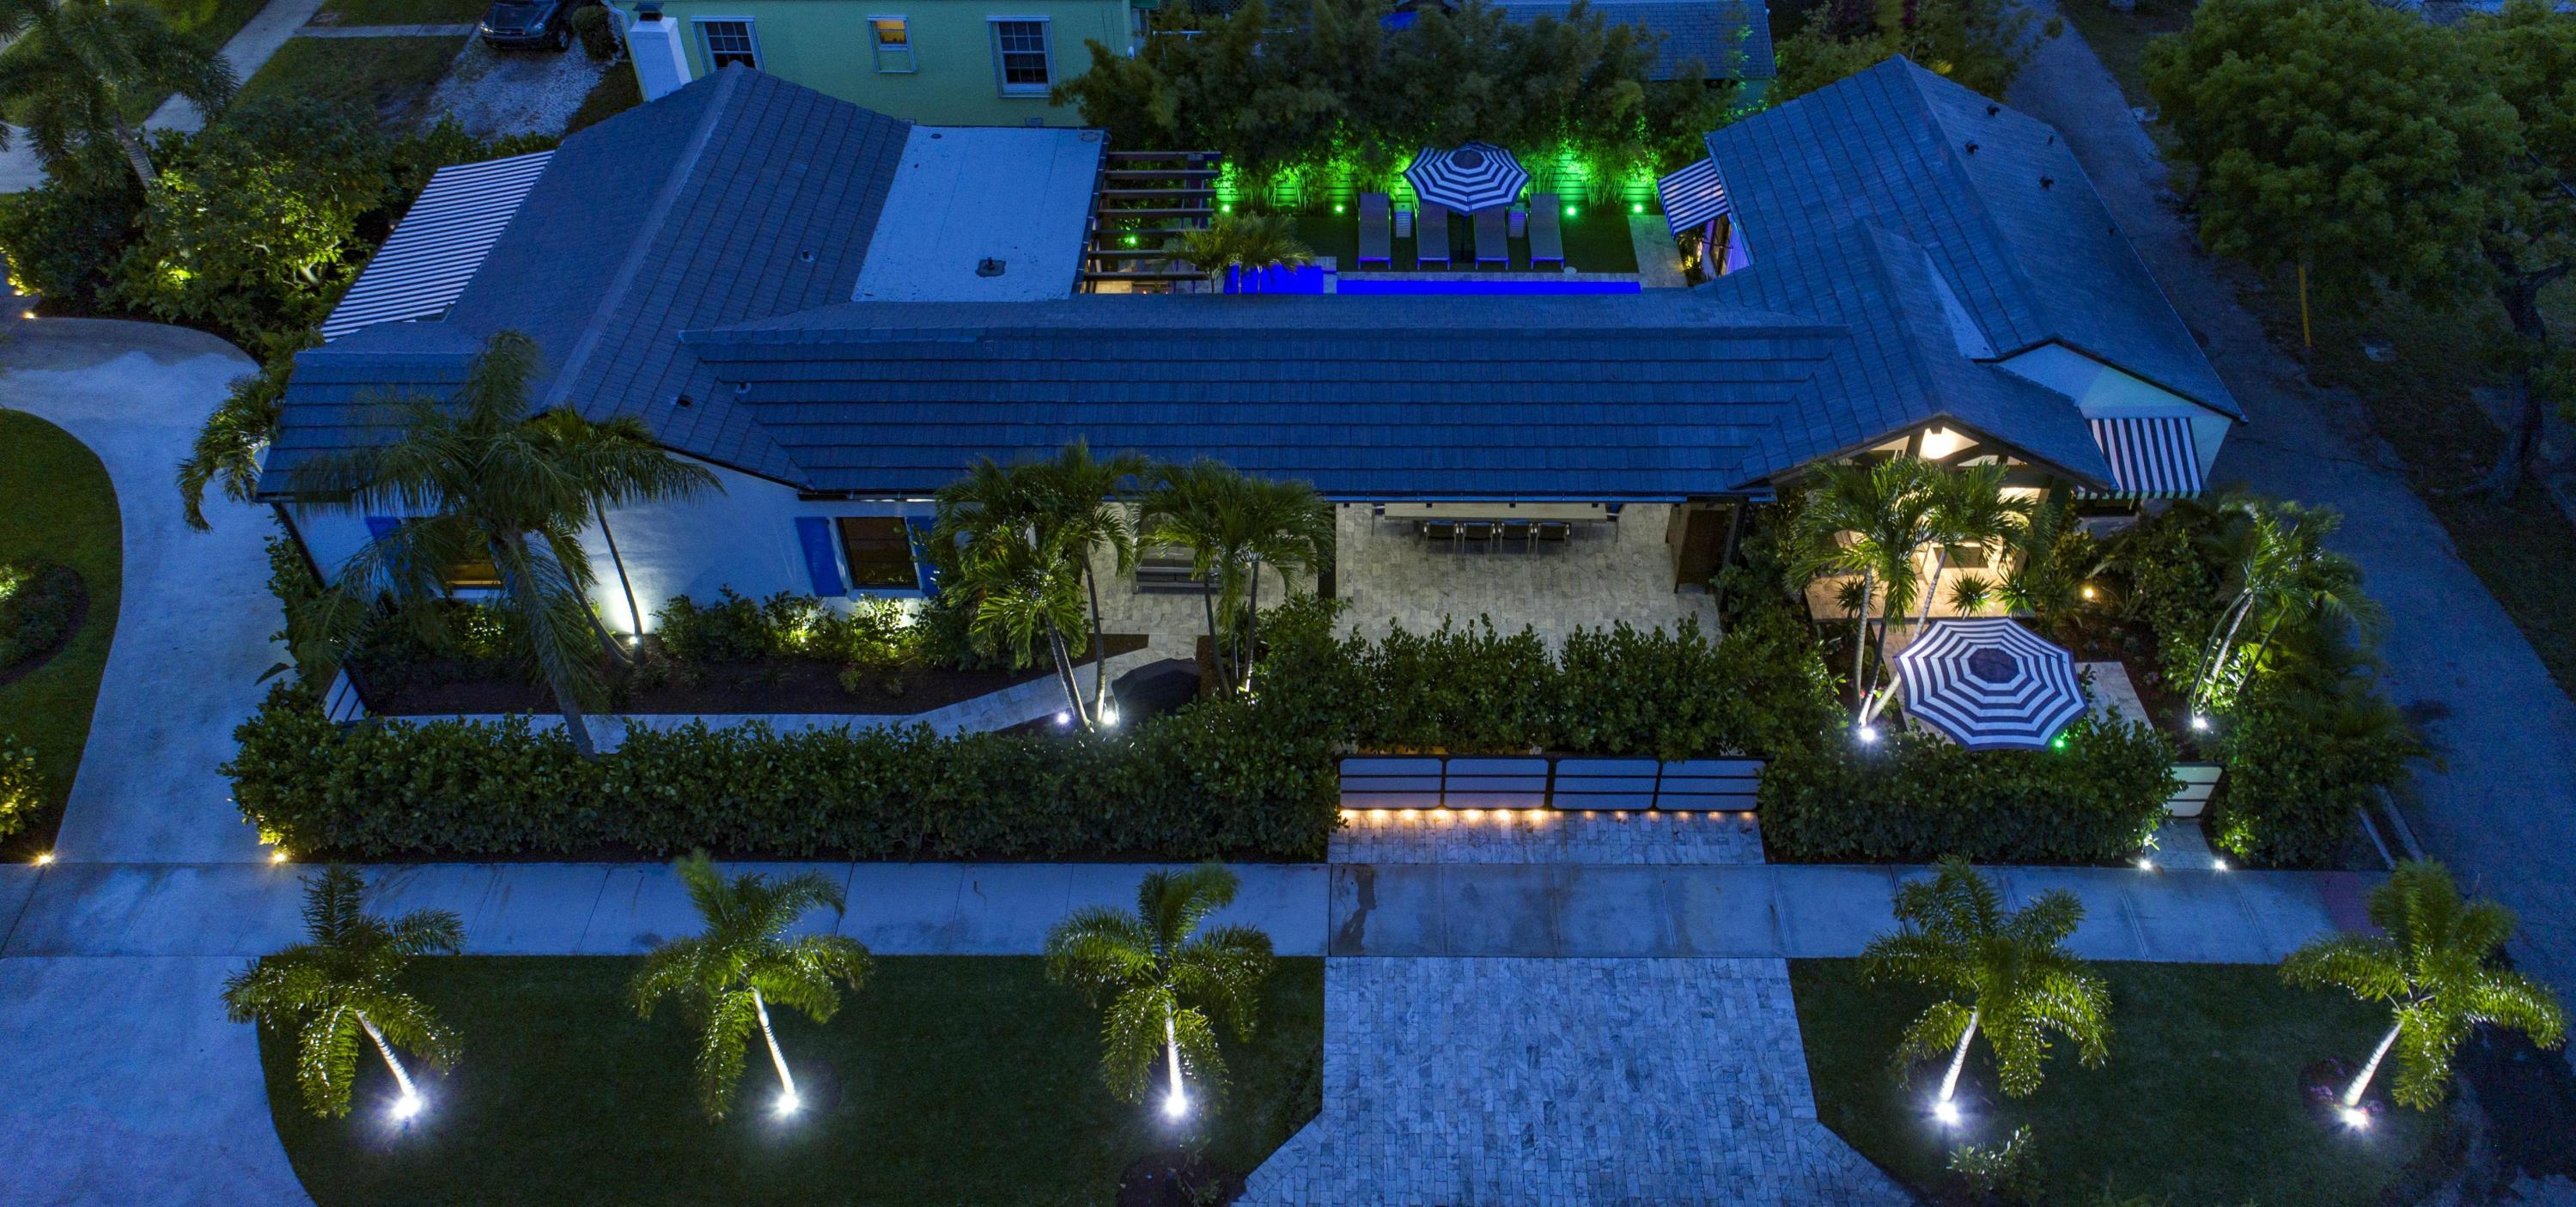 246 Swinton Avenue, Delray Beach, Florida 33444, 3 Bedrooms Bedrooms, ,3.1 BathroomsBathrooms,Single Family,For Sale,Swinton,RX-10535082